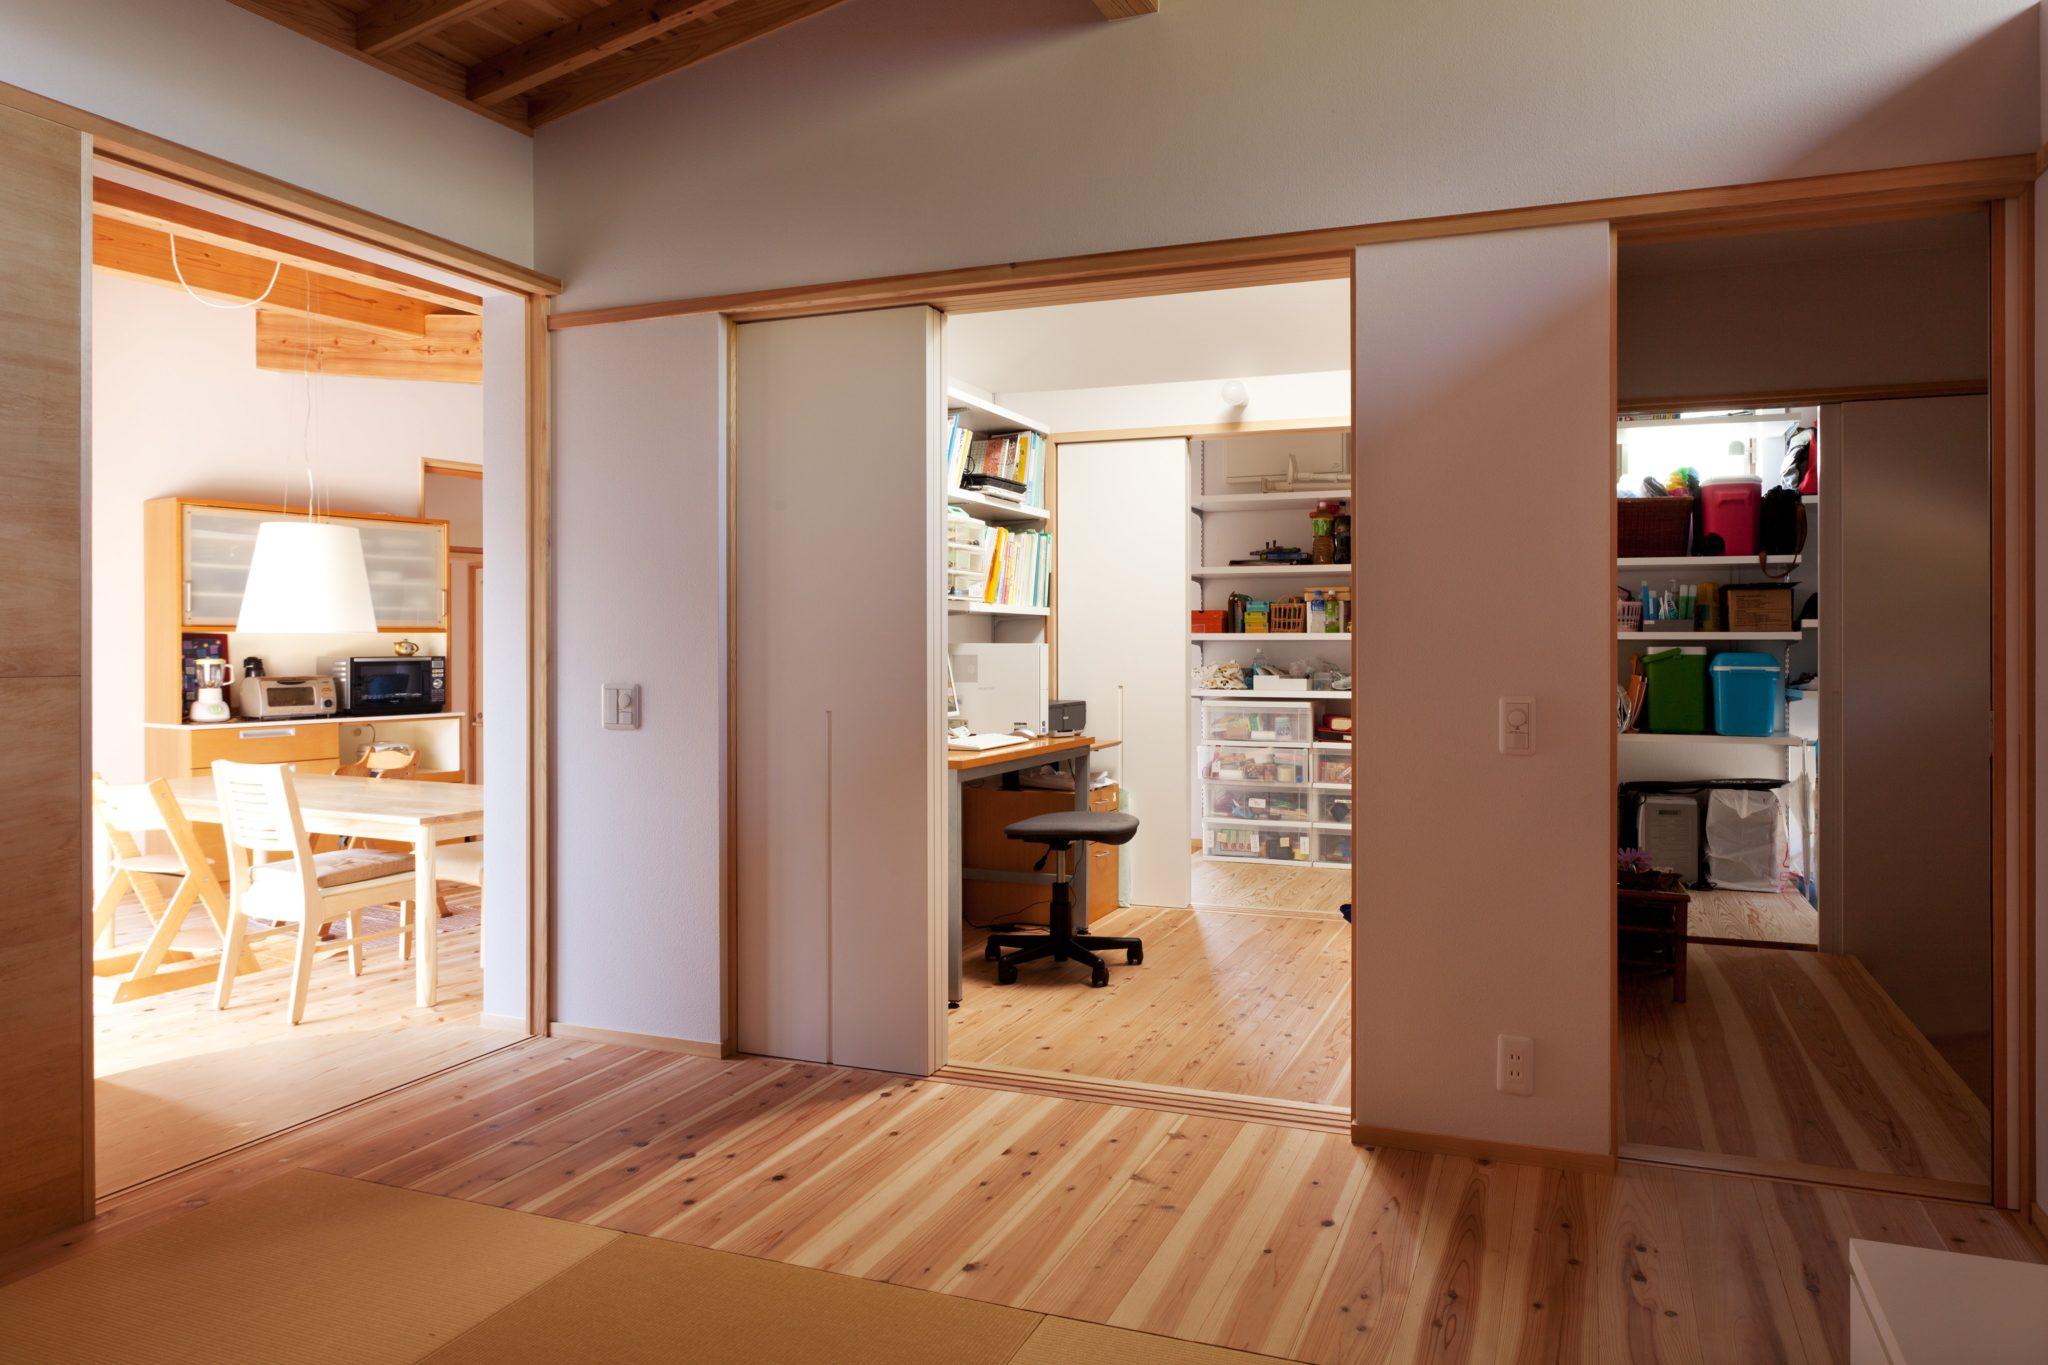 畳の間から見る 左にダイニングキッチン 真ん中は書斎でその奥は右端の玄関までつながる長い下足室